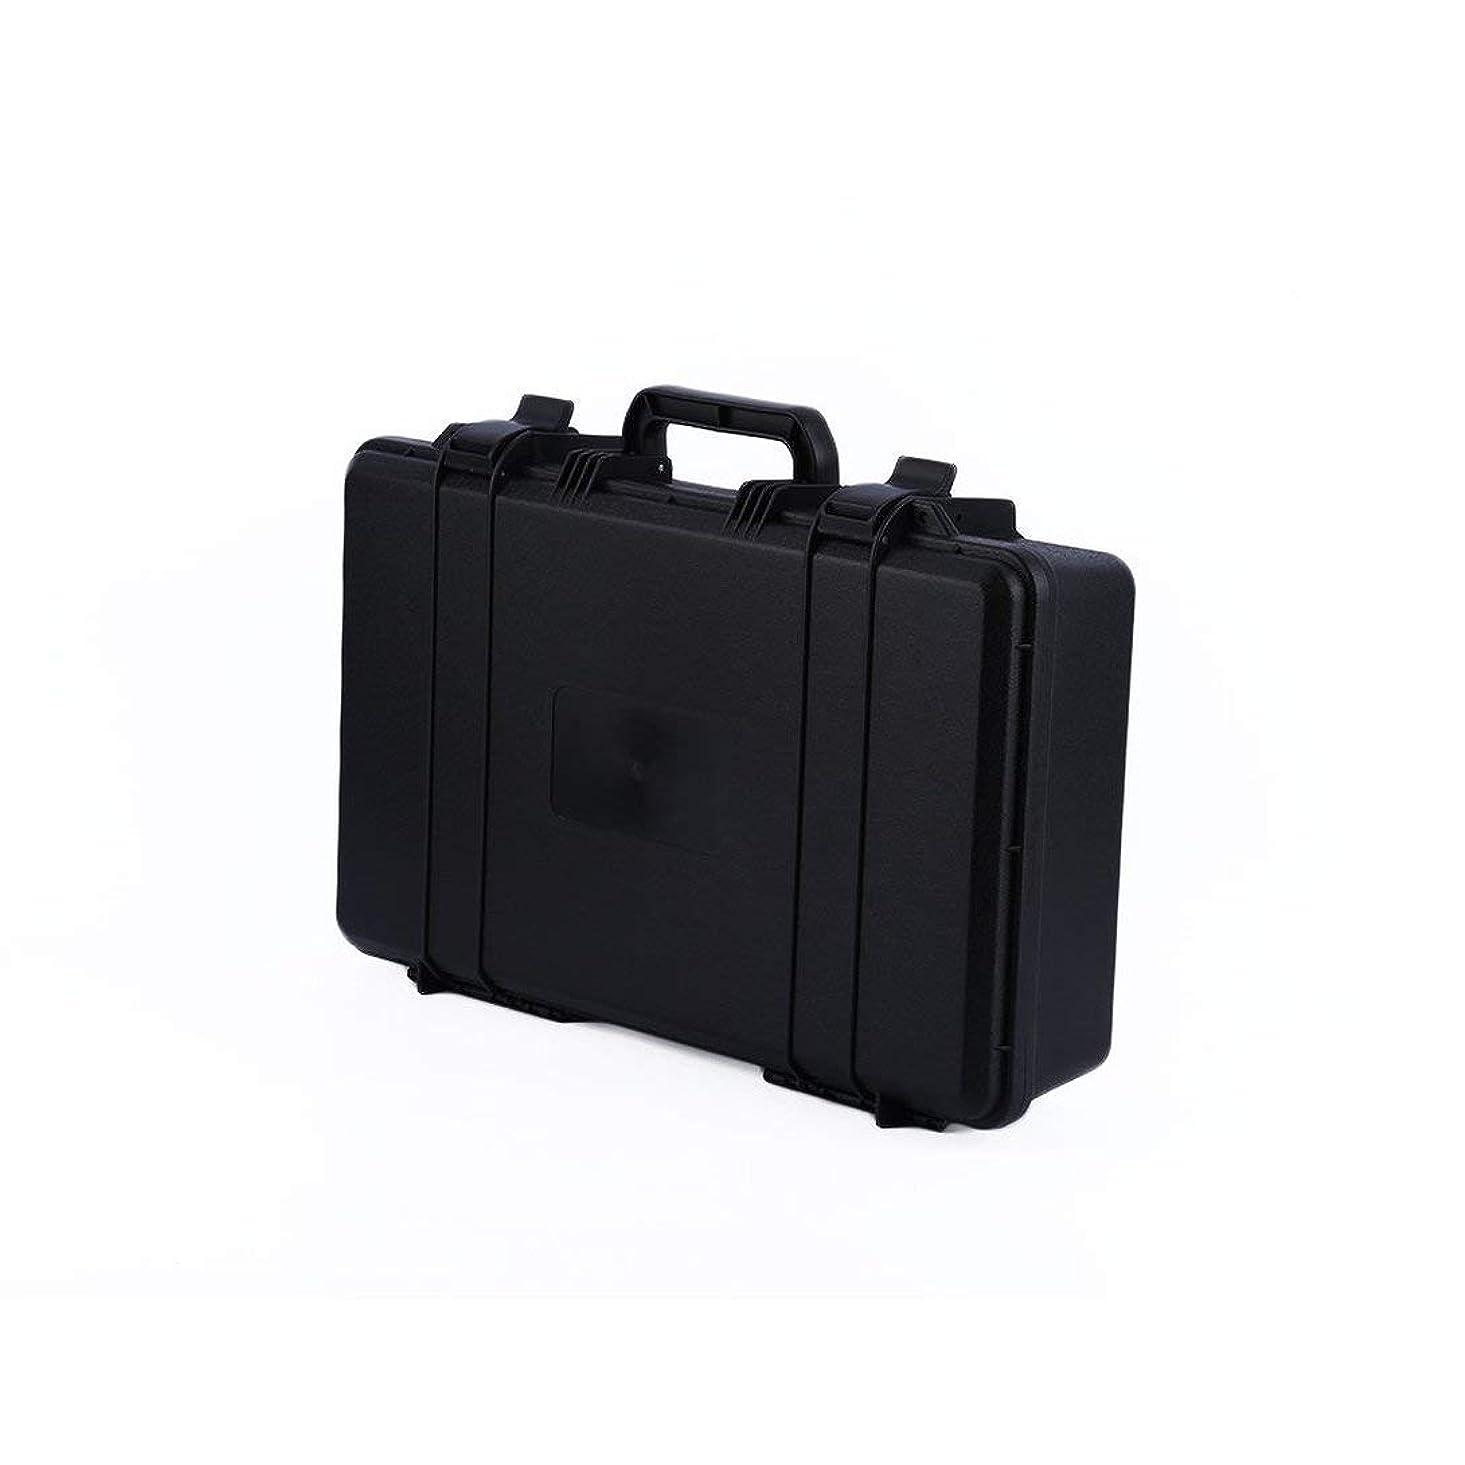 達成薄いメールSwiftgood キャリングケースオウムビバップドローン2用のプラスチック保護スーツケースケースボックス絶妙に設計された耐久性のある豪華な